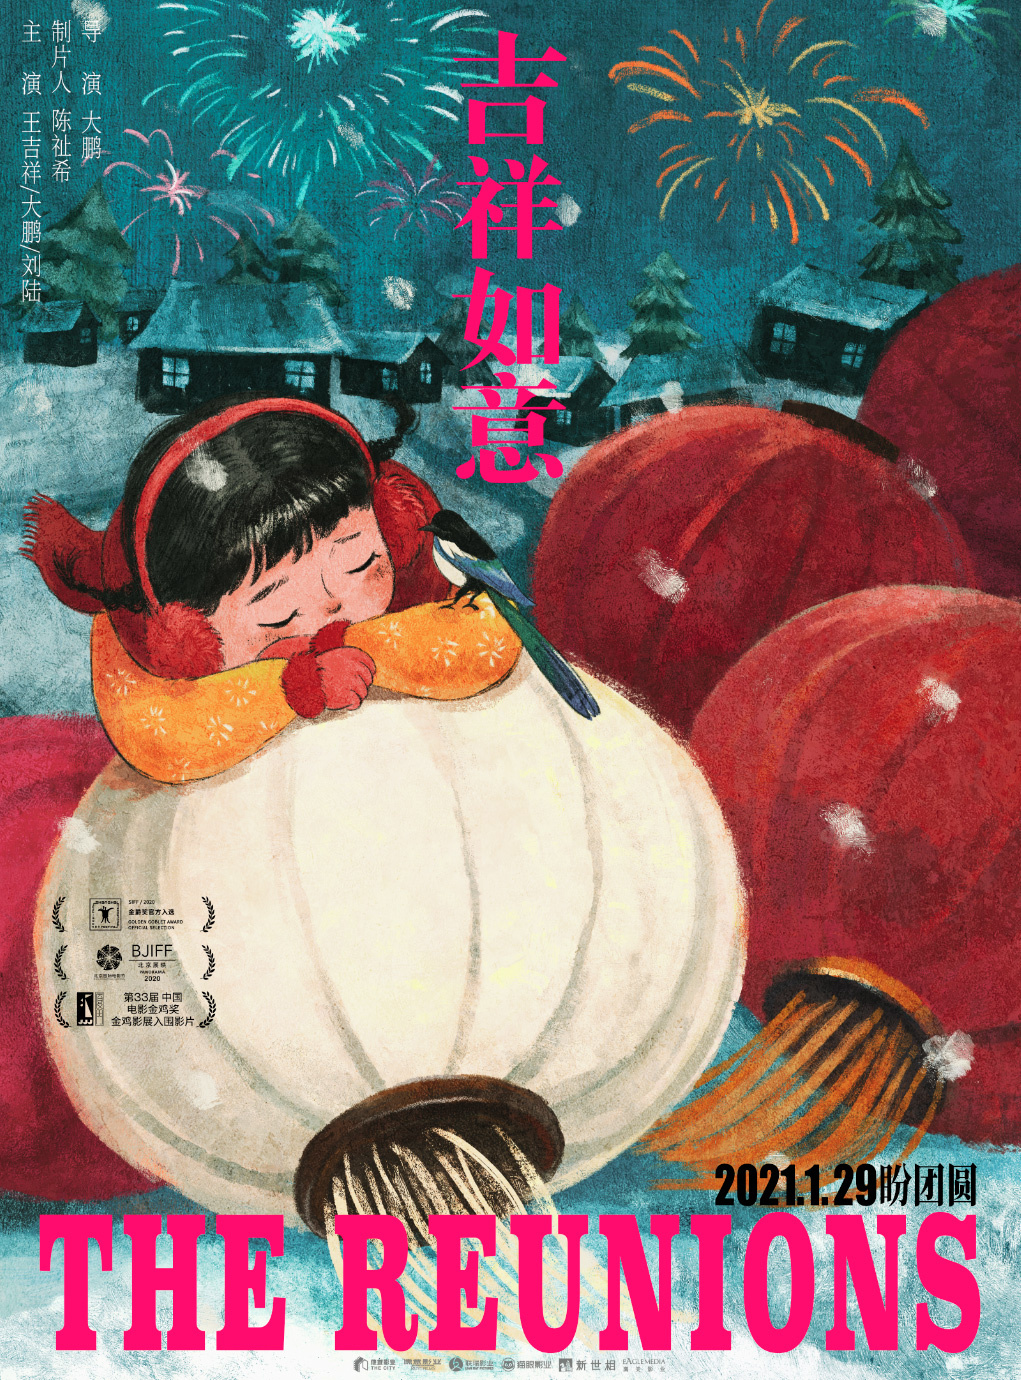 大鹏新作《吉祥如意》真的值得去看看, 春节更有感觉!